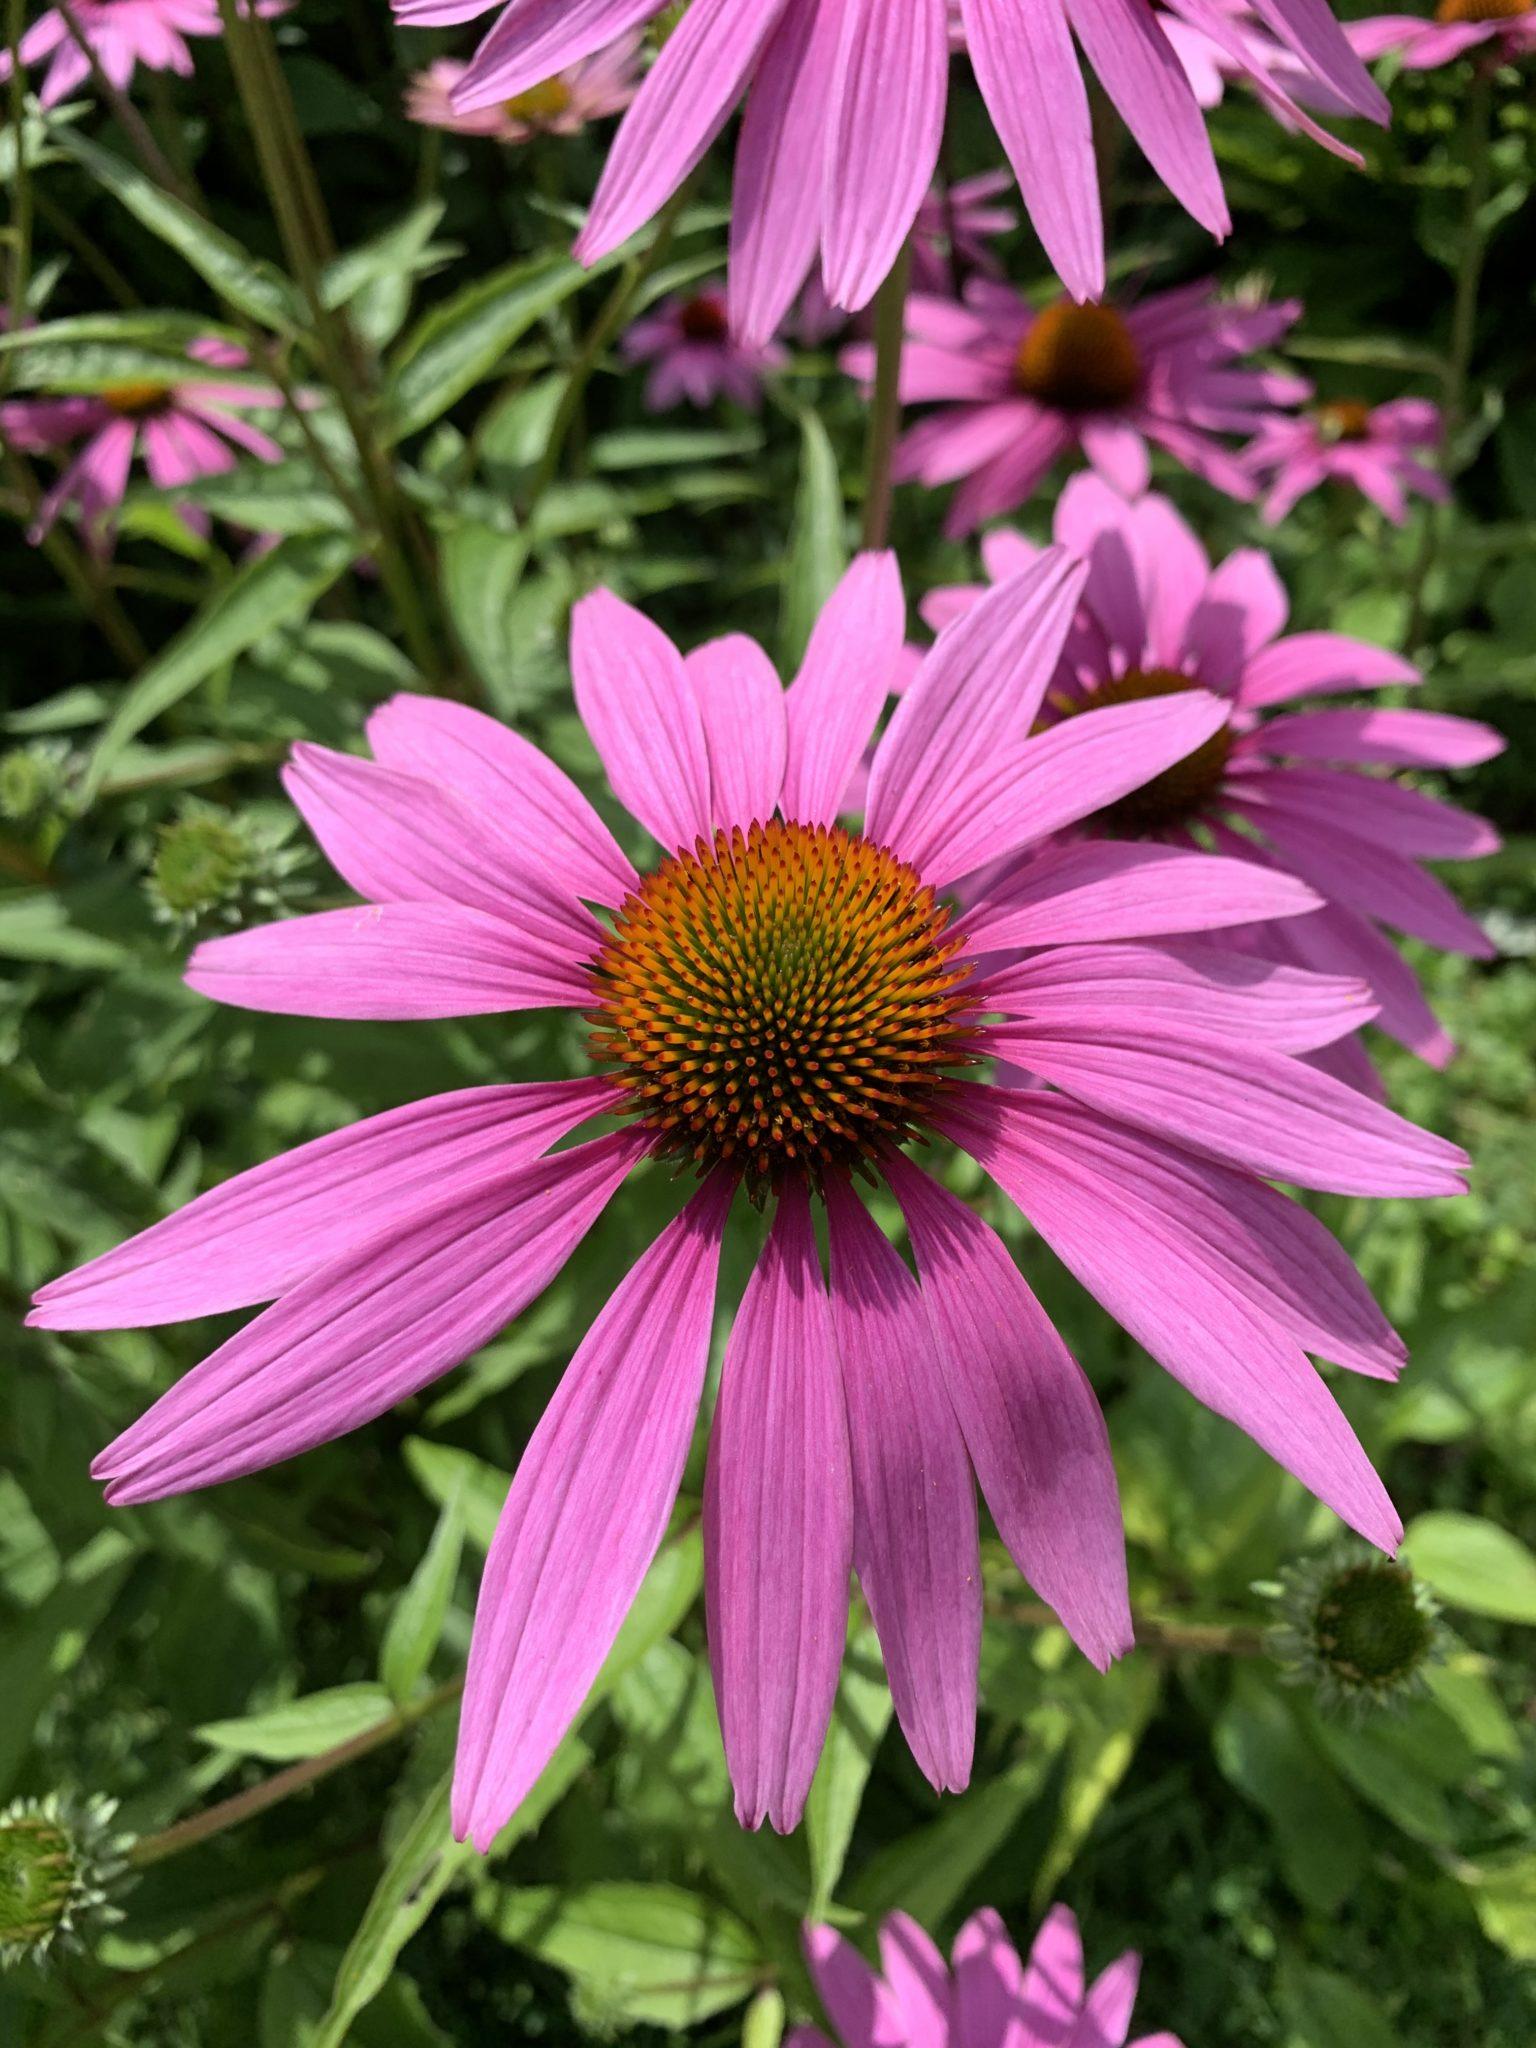 kukka: punahattu